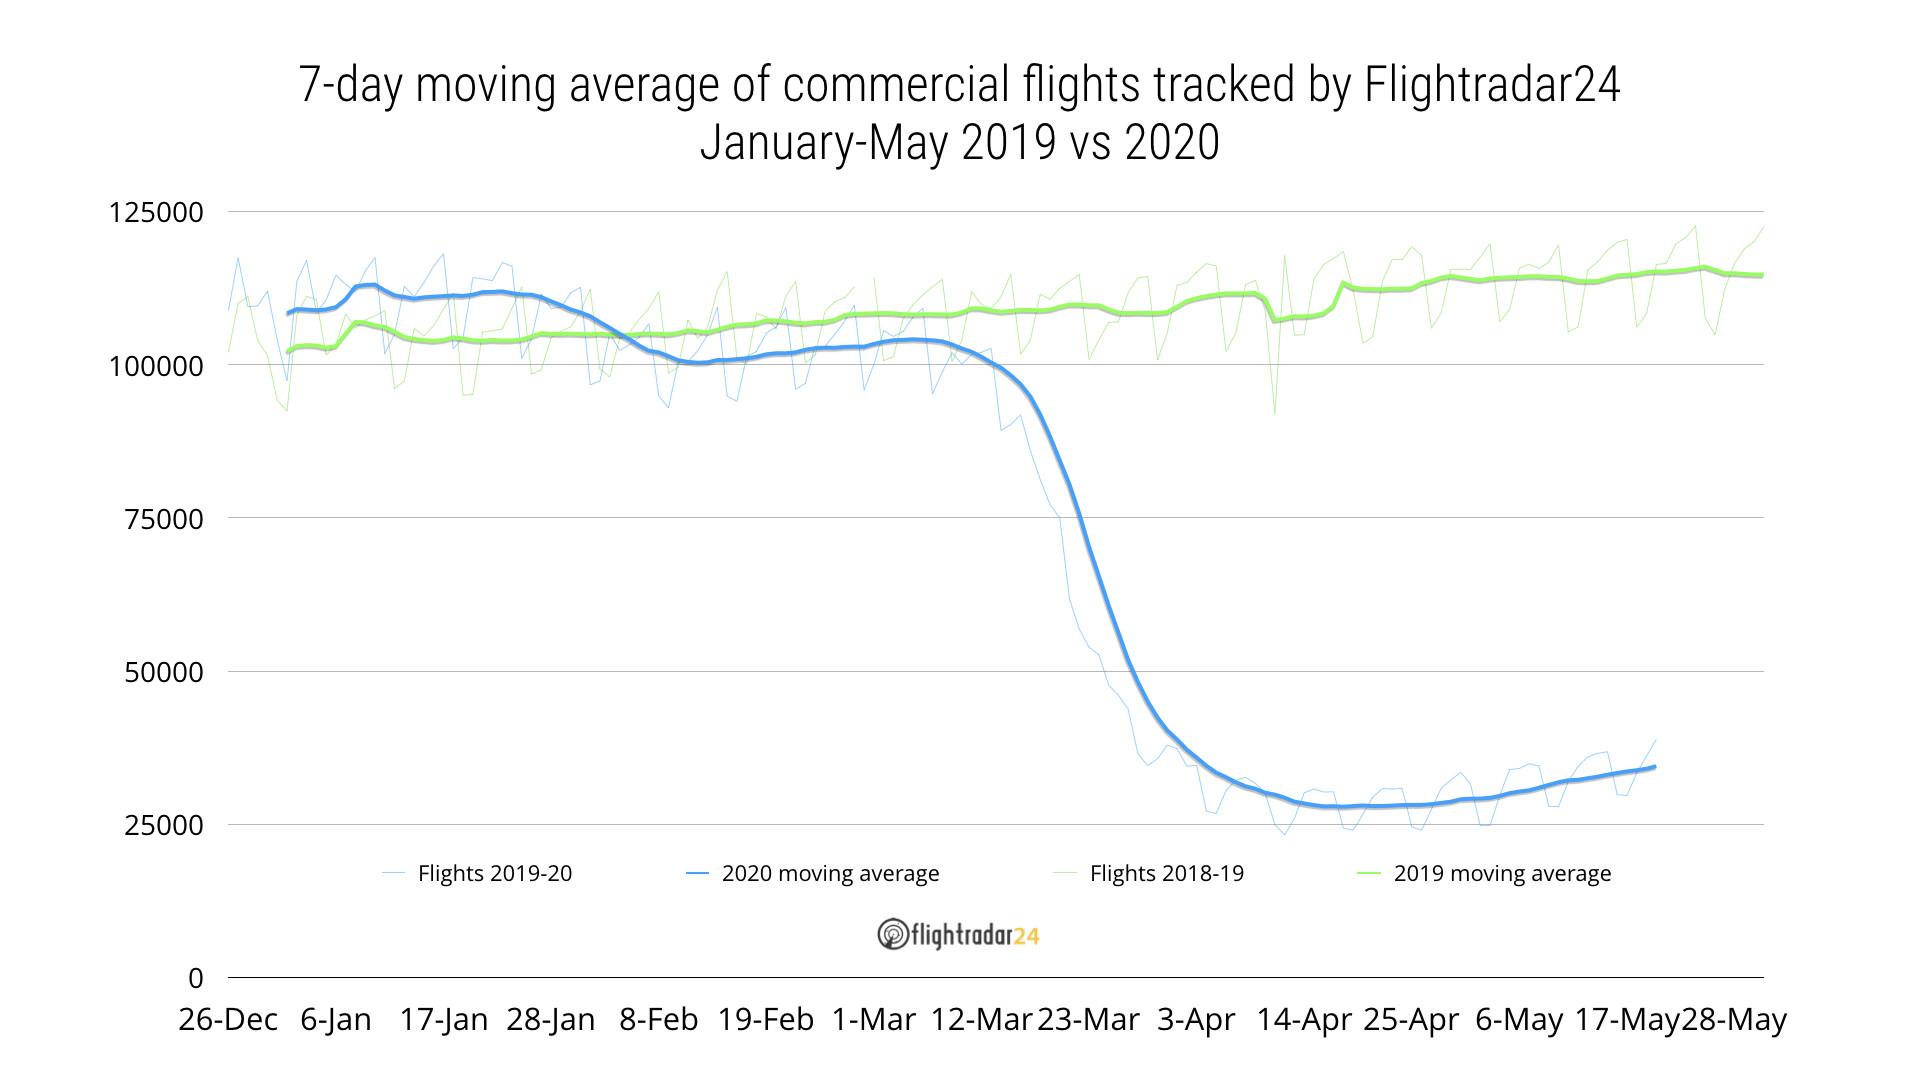 Jan-May 2019 vs 2020 commercial flights